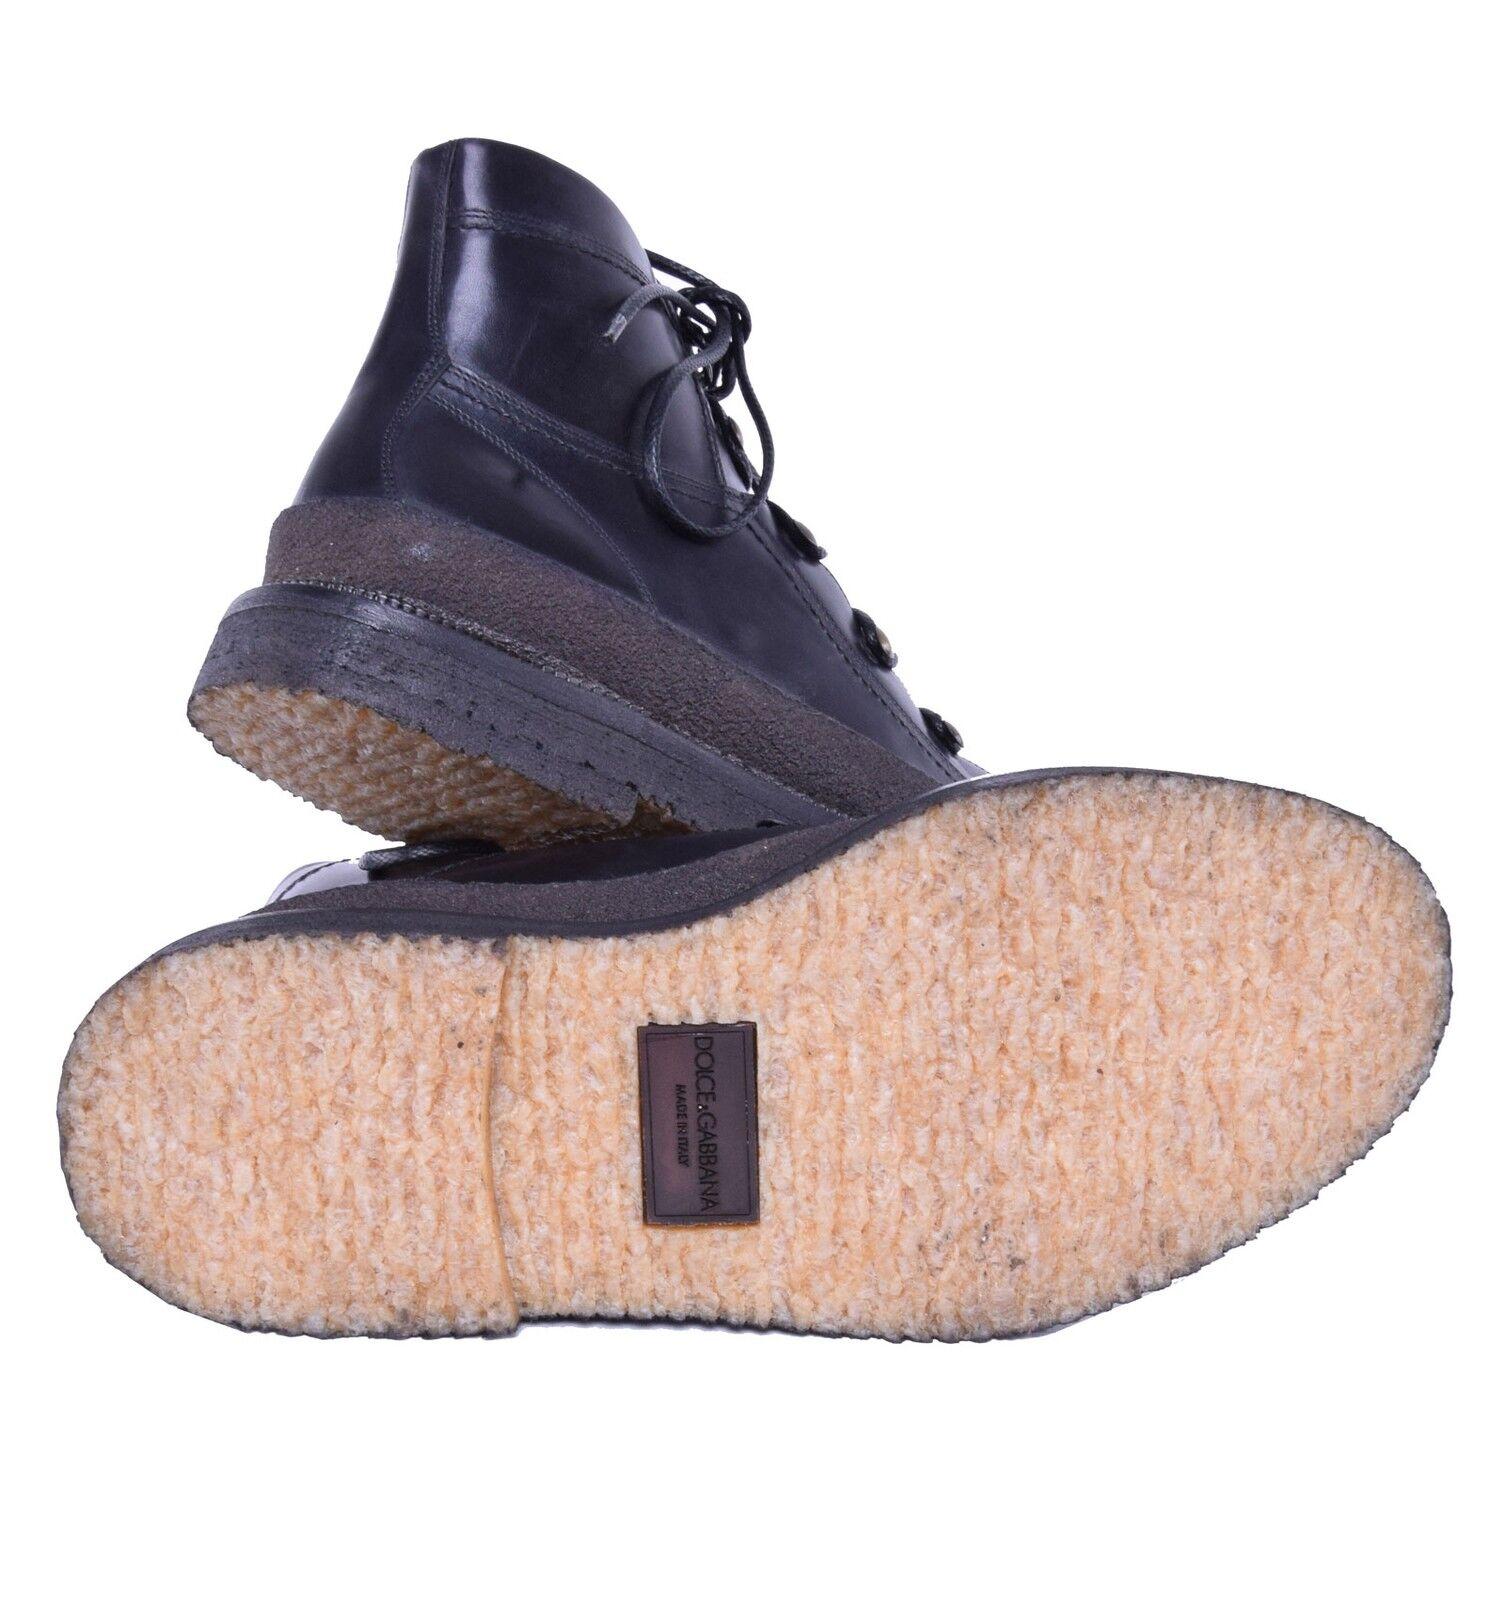 DOLCE Schuhe & GABBANA Bergsteiger-Stil Stiefeletten Schuhe DOLCE Schwarz Stiefel schwarz 03837 8577c4